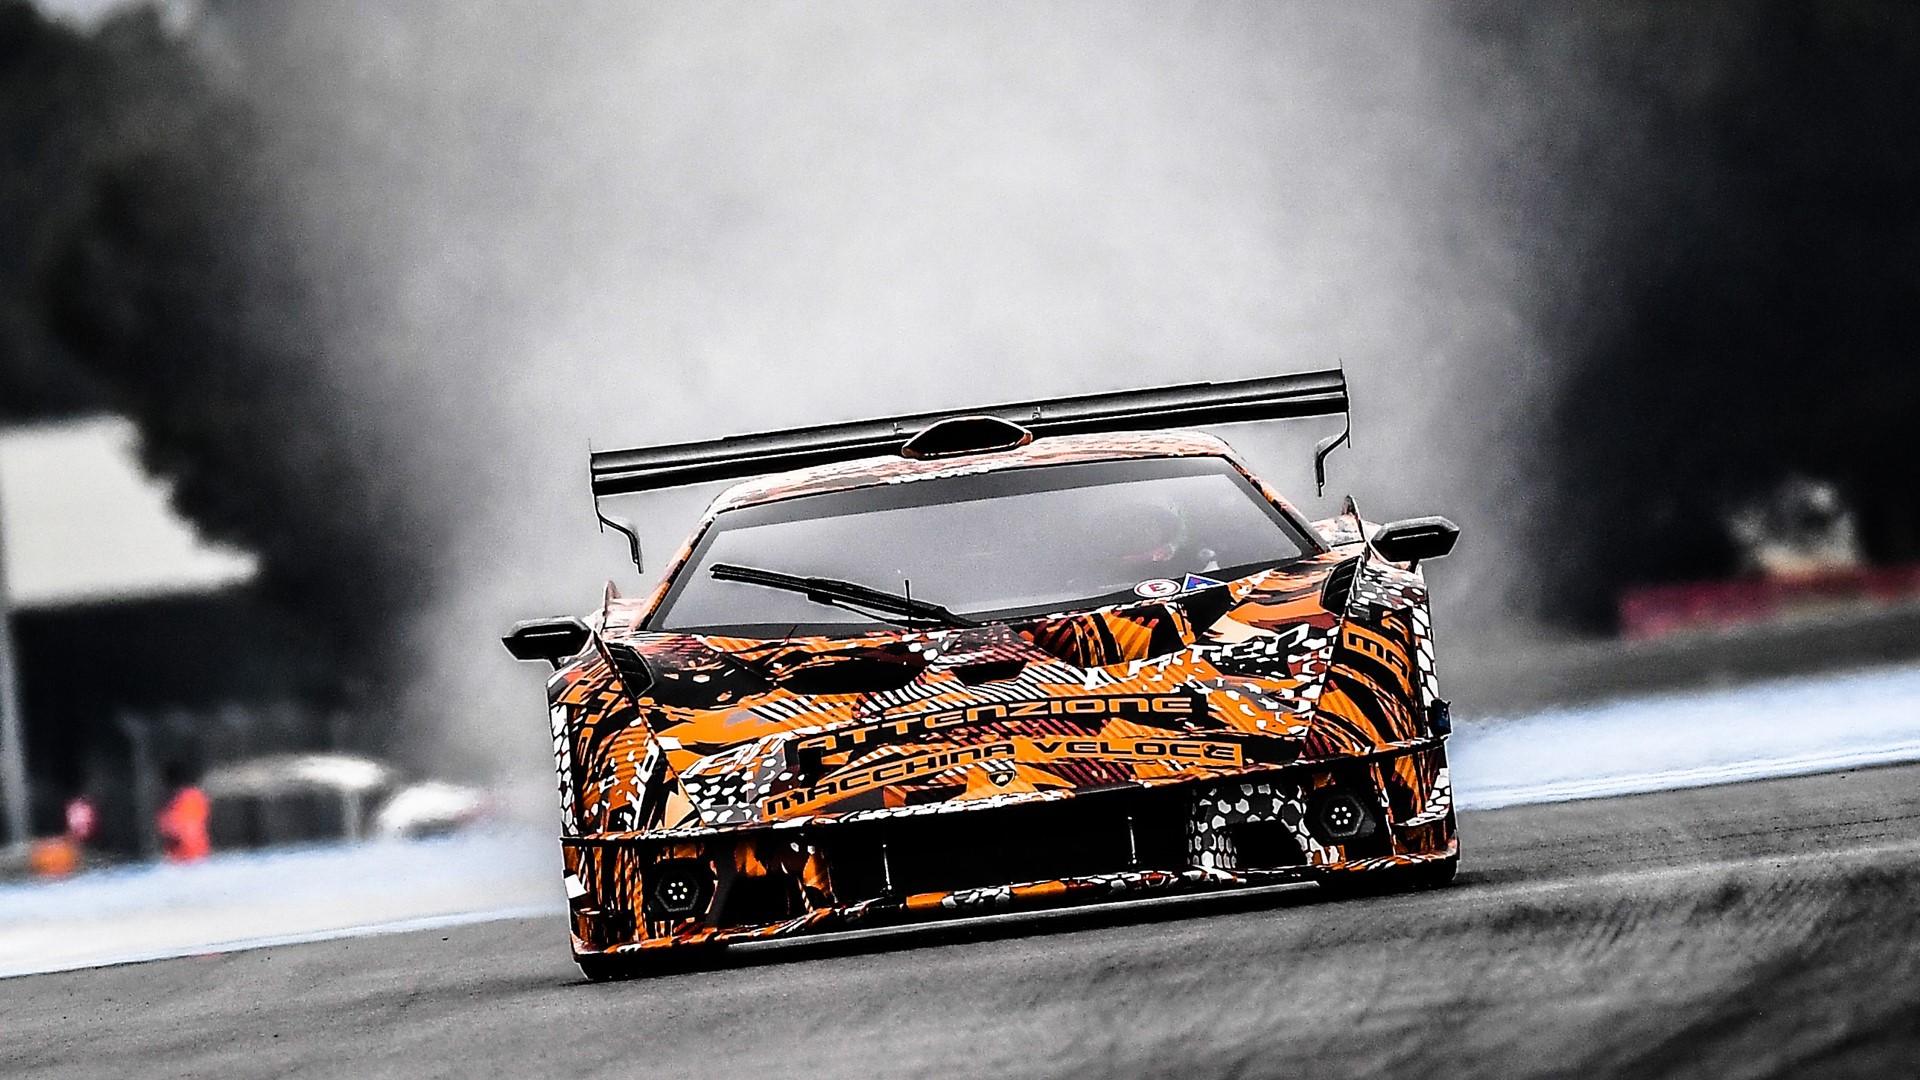 Lamborghini SCV12: Squadra Corse hypercar ready to hit the track - Image 2